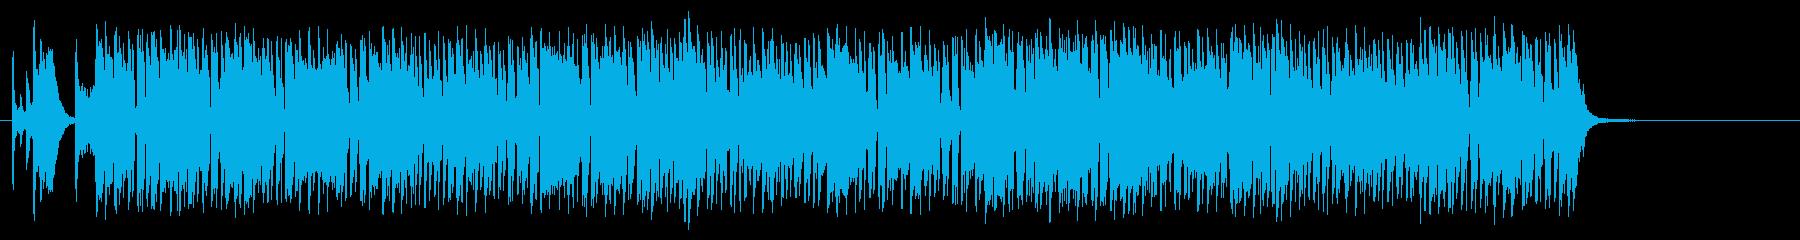 スリル感のあるコミカルファンク/ポップの再生済みの波形